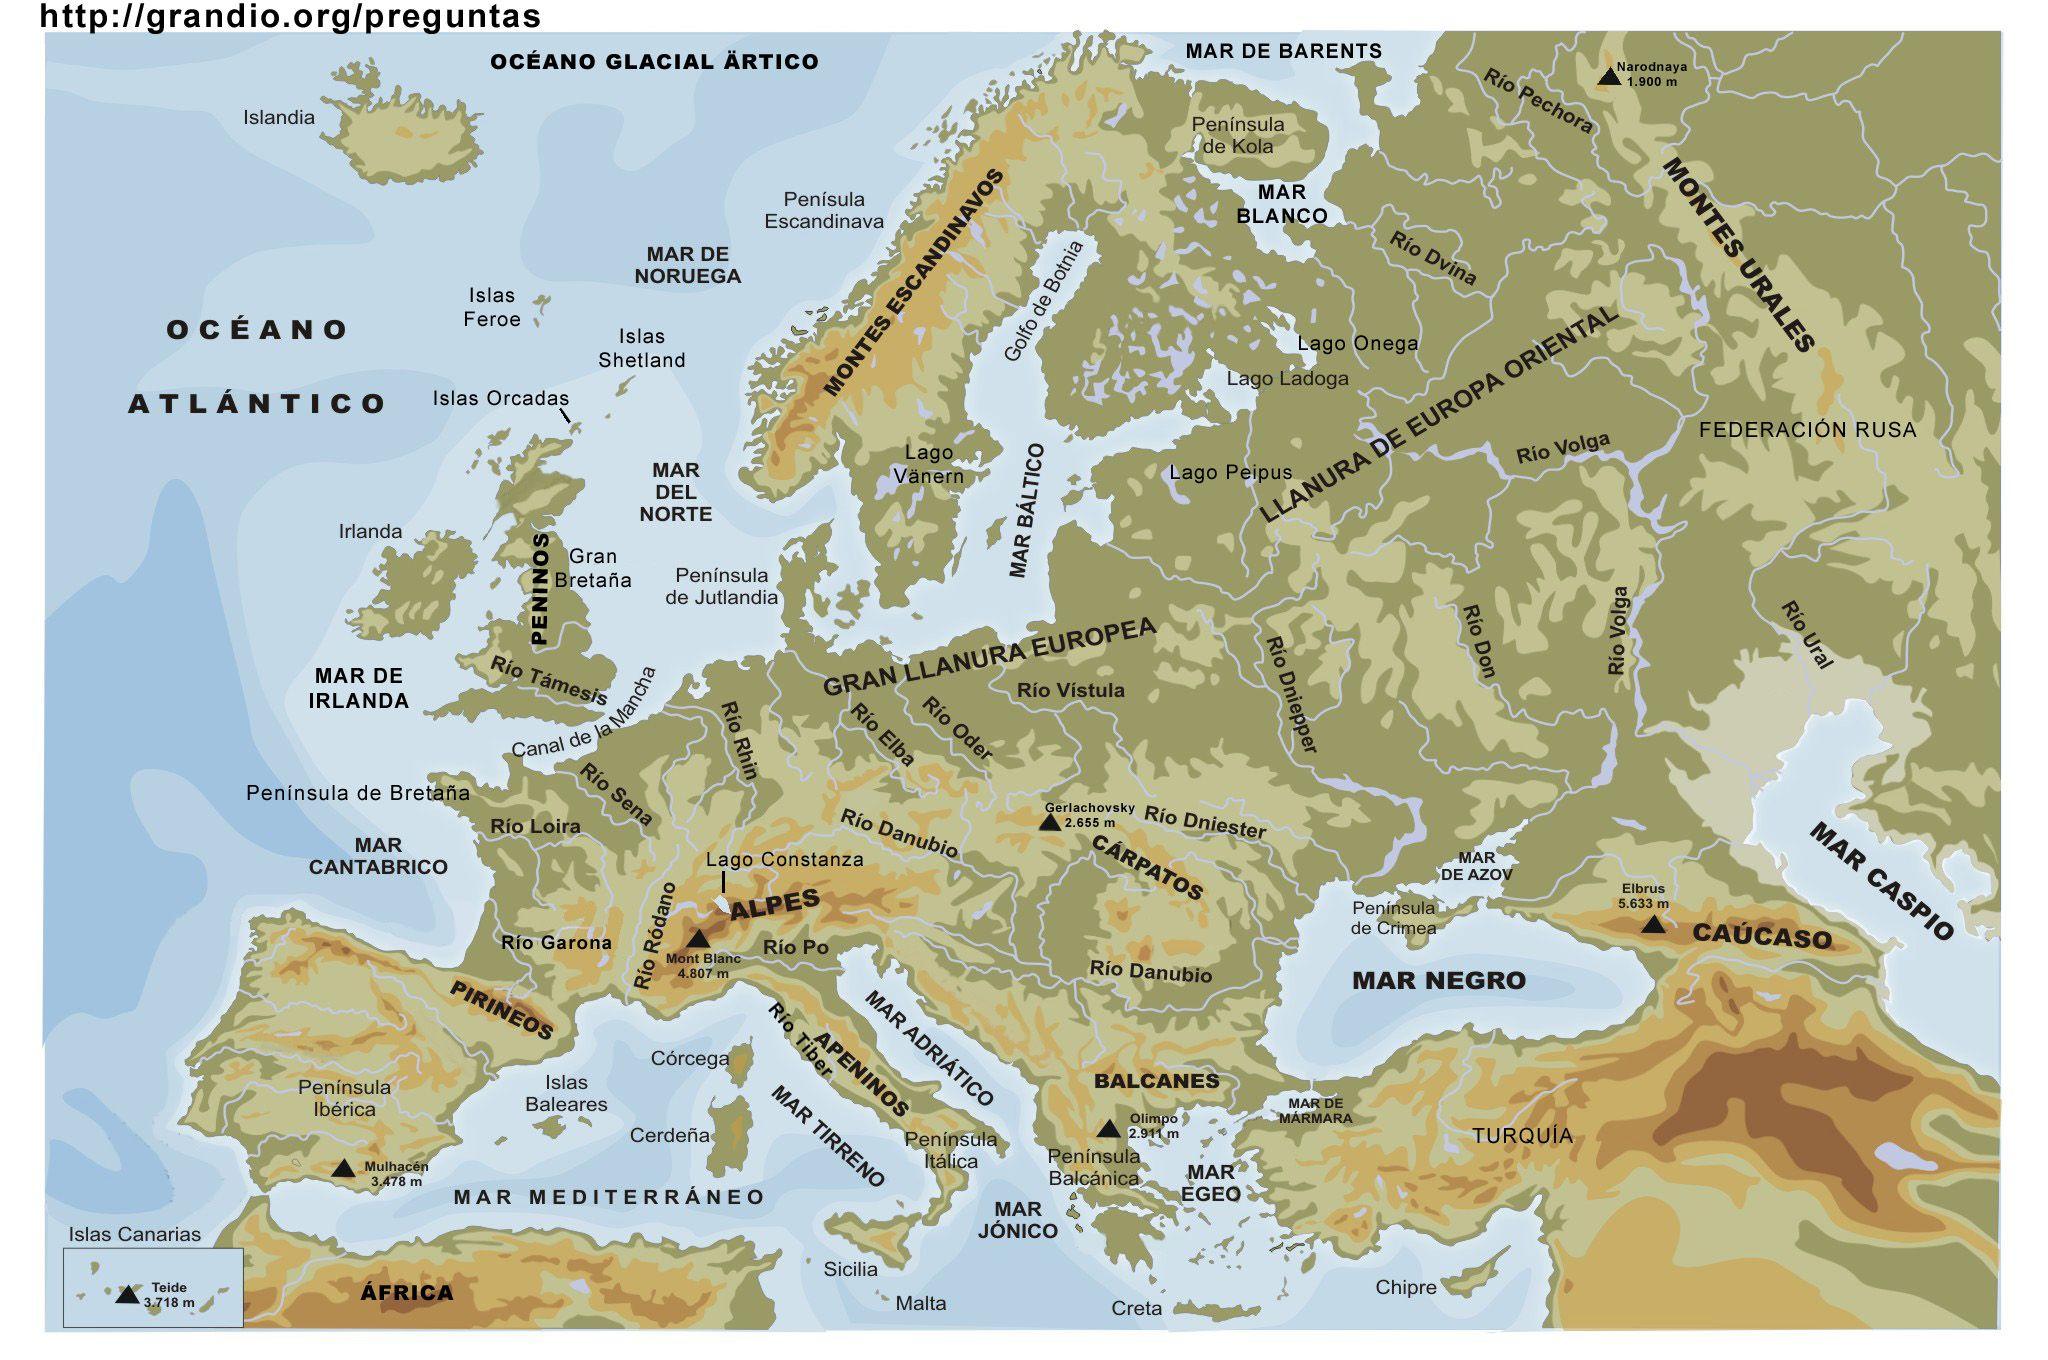 Mapa fisico europa busca de google mapas pinterest searching mapa fisico europa busca de google gumiabroncs Gallery